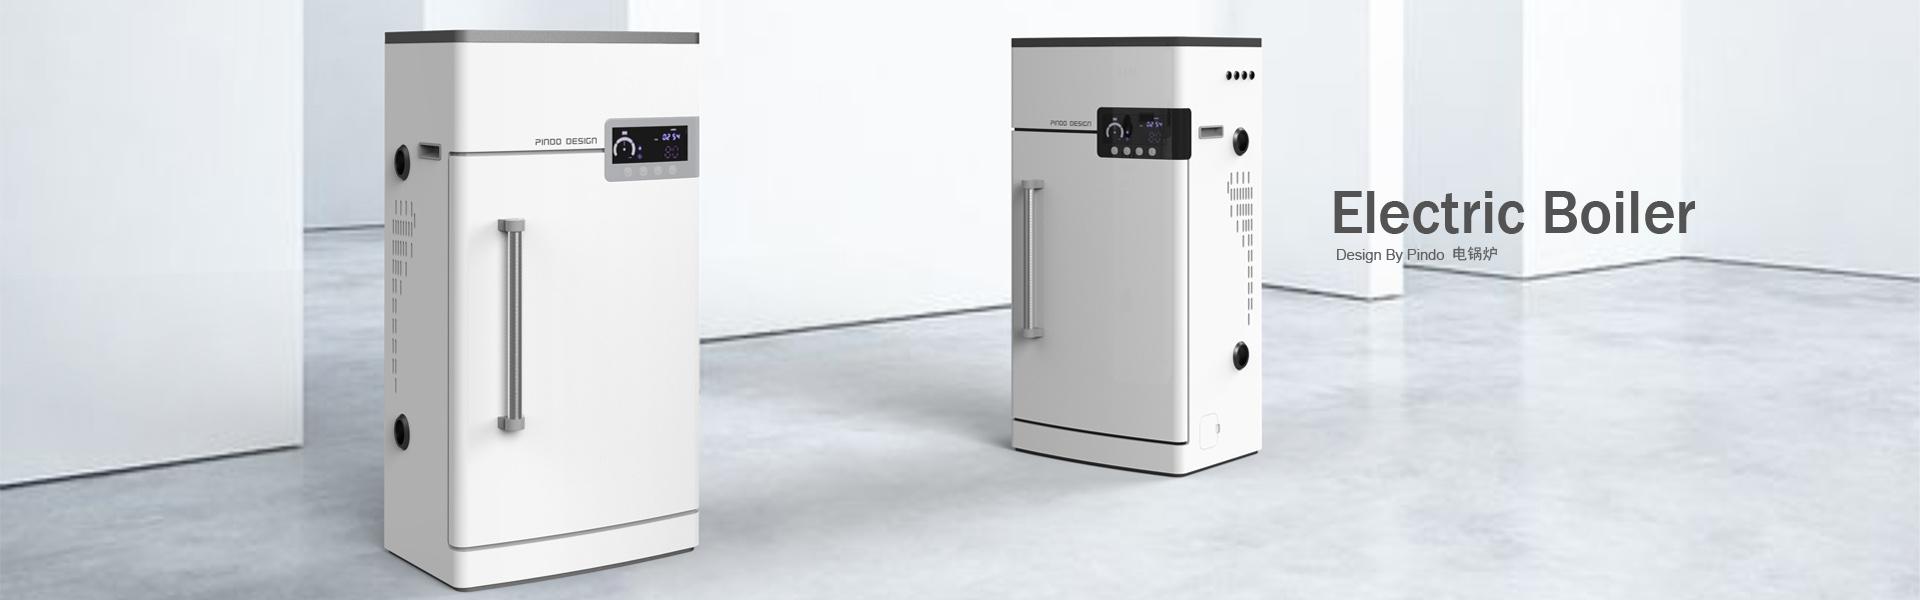 湿蒸机蒸汽发生器桑拿炉浴室蒸汽机数字桑拿机整体卫浴蒸石炉设计